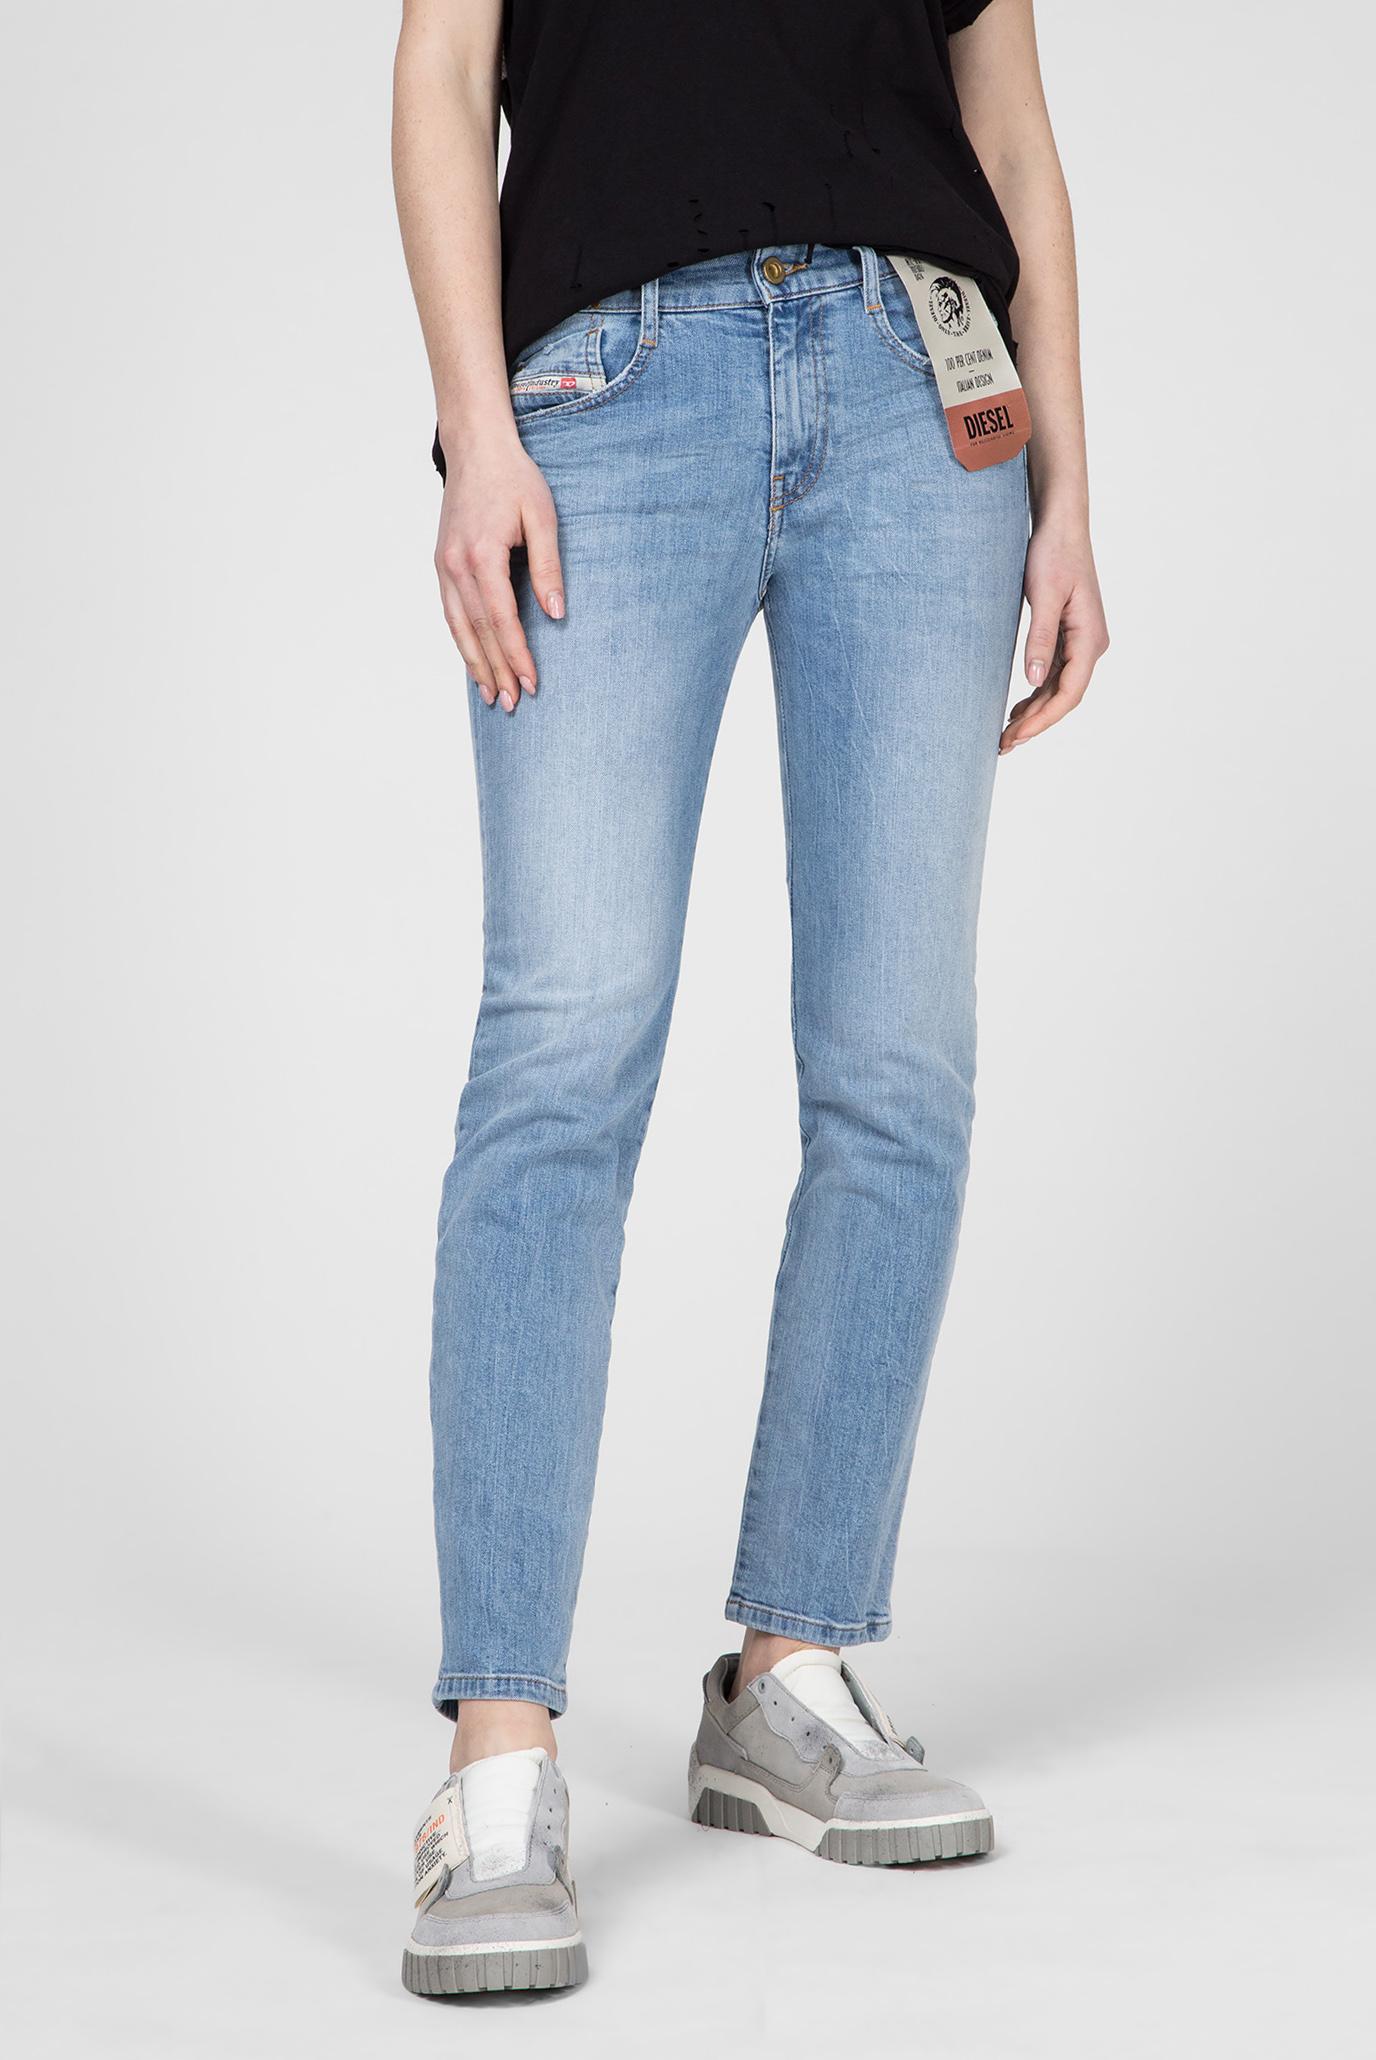 Купить Женские голубые джинсы D-RIFTY Diesel Diesel 00SMN0 081AL – Киев, Украина. Цены в интернет магазине MD Fashion